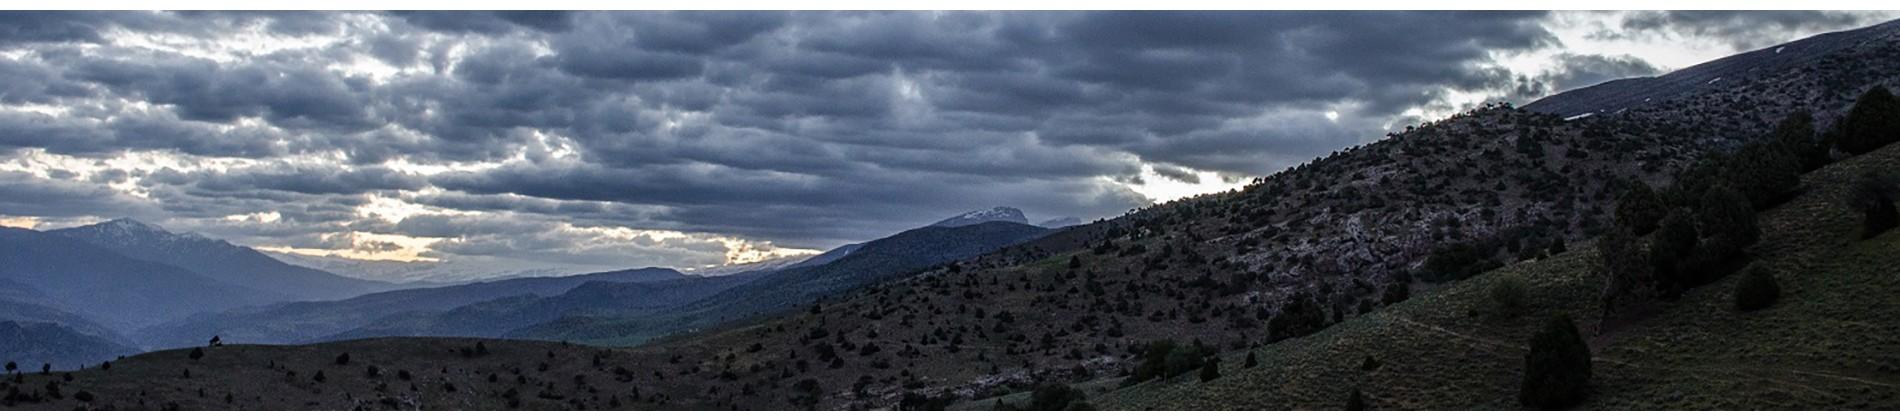 Ascent to the summit of Hodja Gur Gur Ata - 1